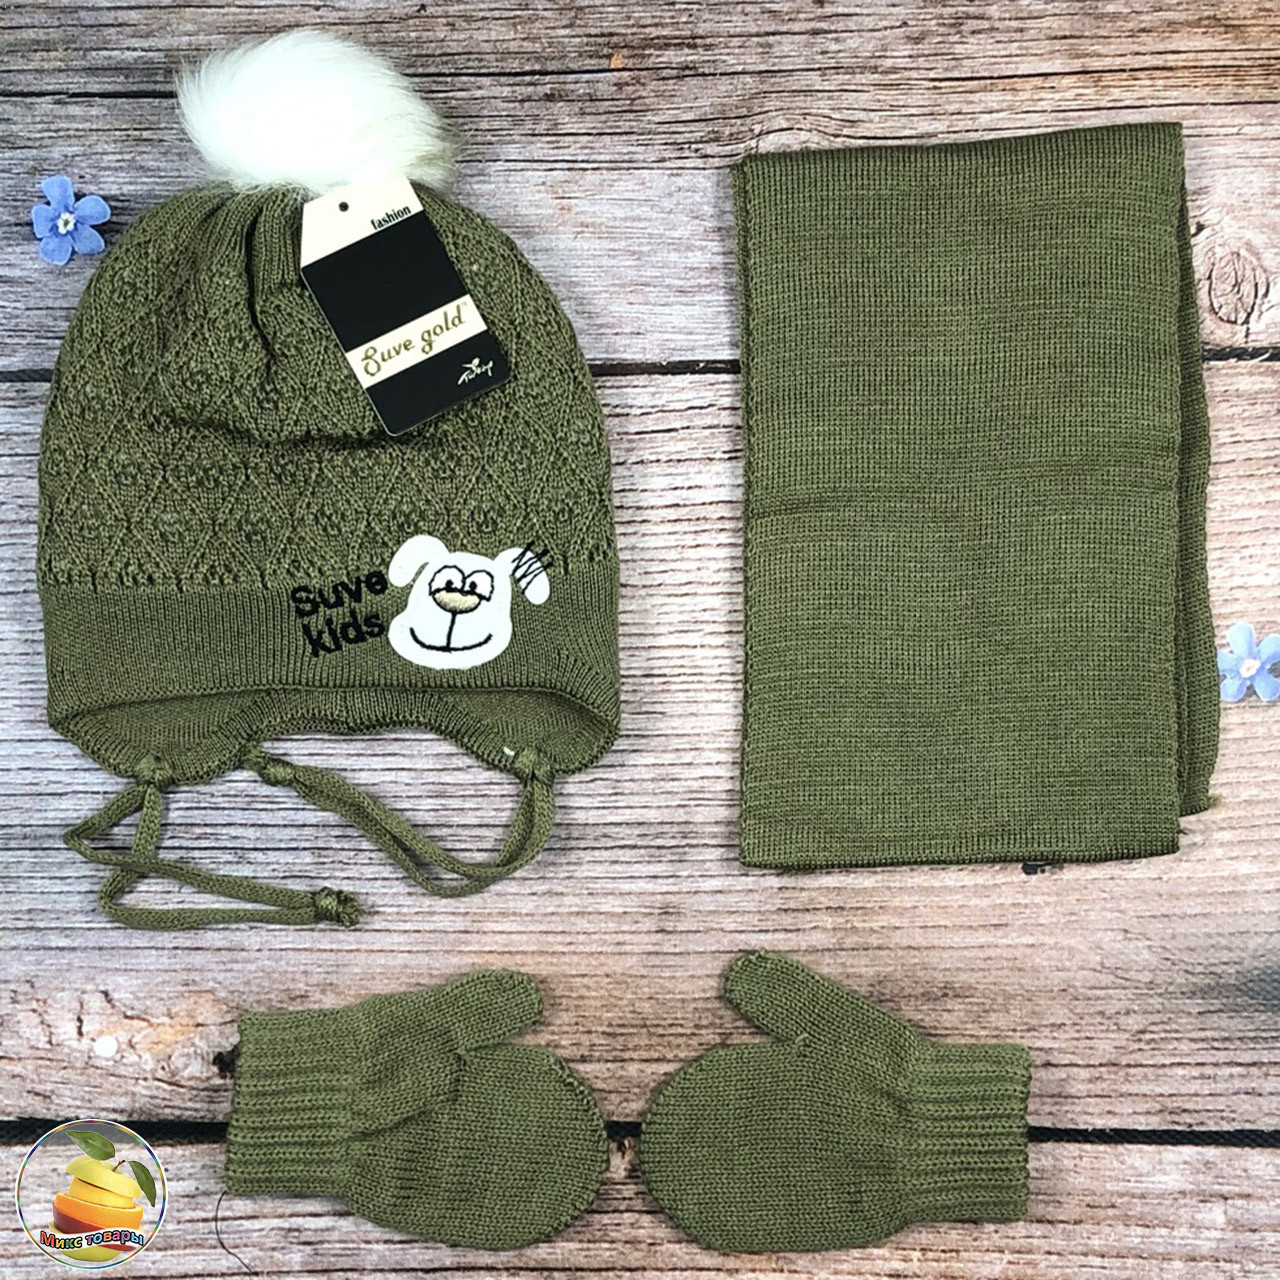 Зимний вязанный набор с шапочкой на травке для ребёнка Размер: от 3 до 12 месяцев (21017)